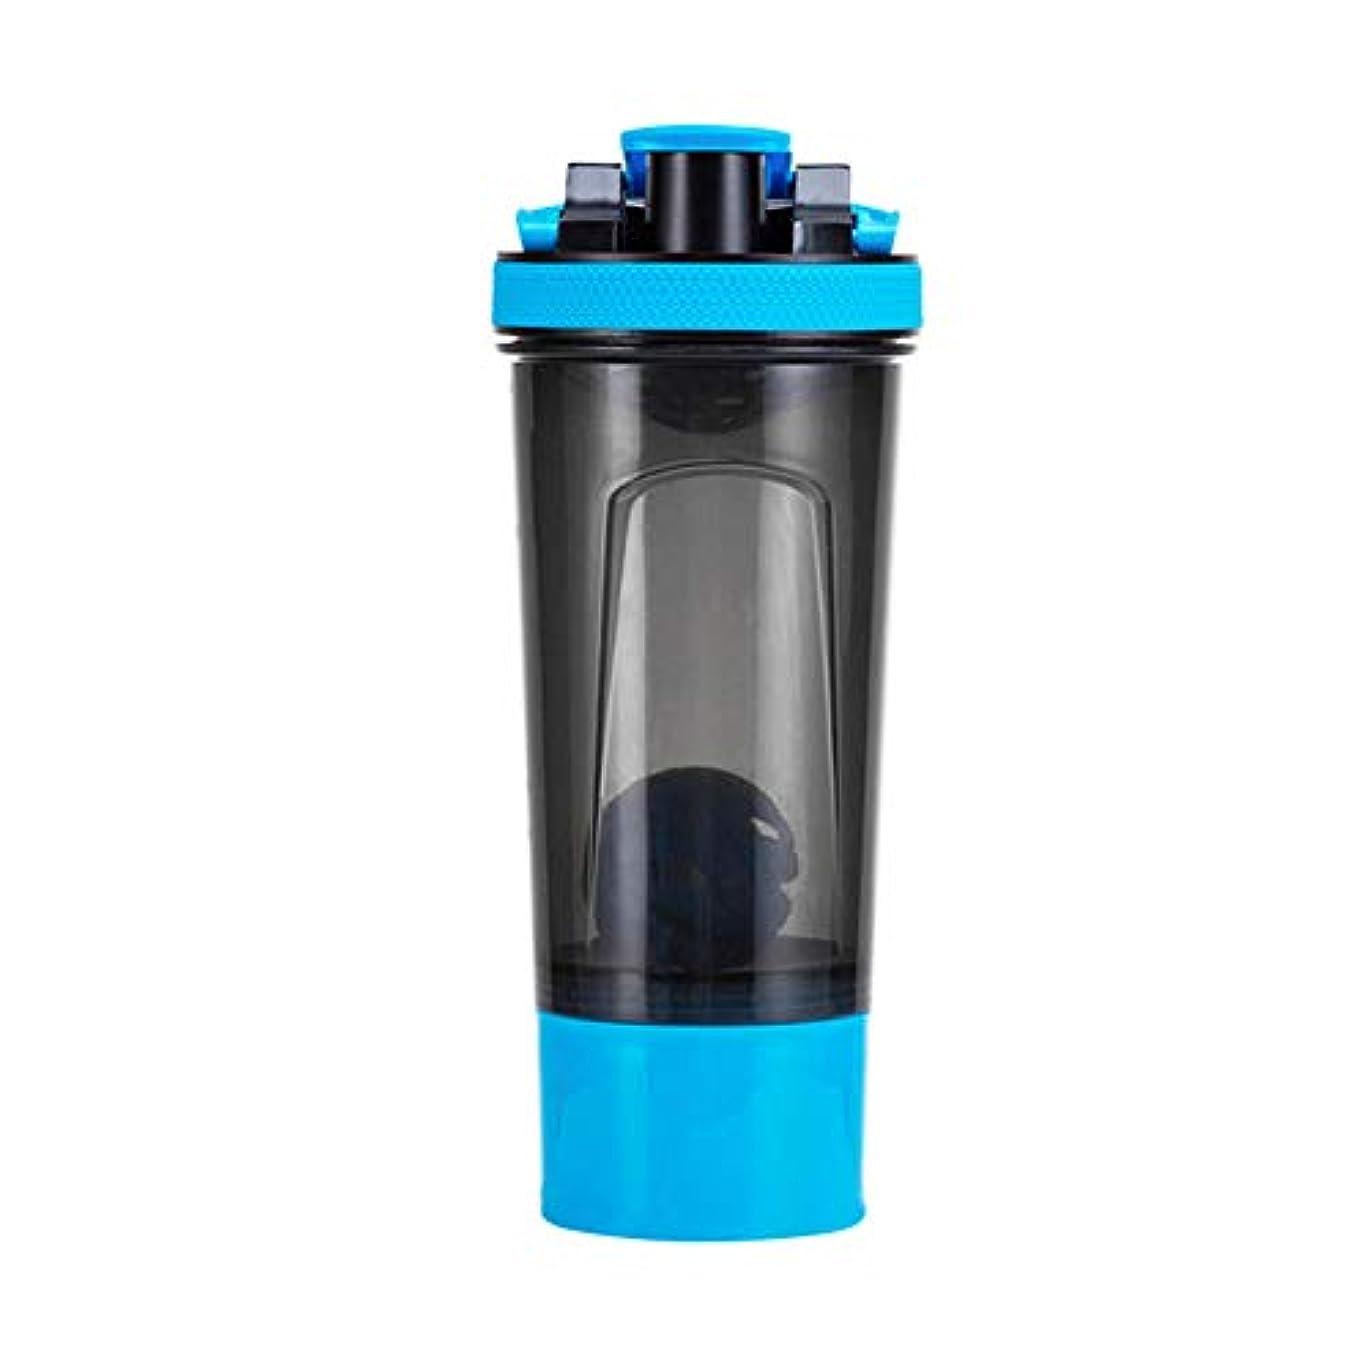 オーバーコートケーキ大いにQuner プロテインシェイカー ボトル 水筒 700ml シェーカーボトル スポーツボトル 目盛り 3層 プラスチック フィットネス ダイエット コンテナ付き サプリケース